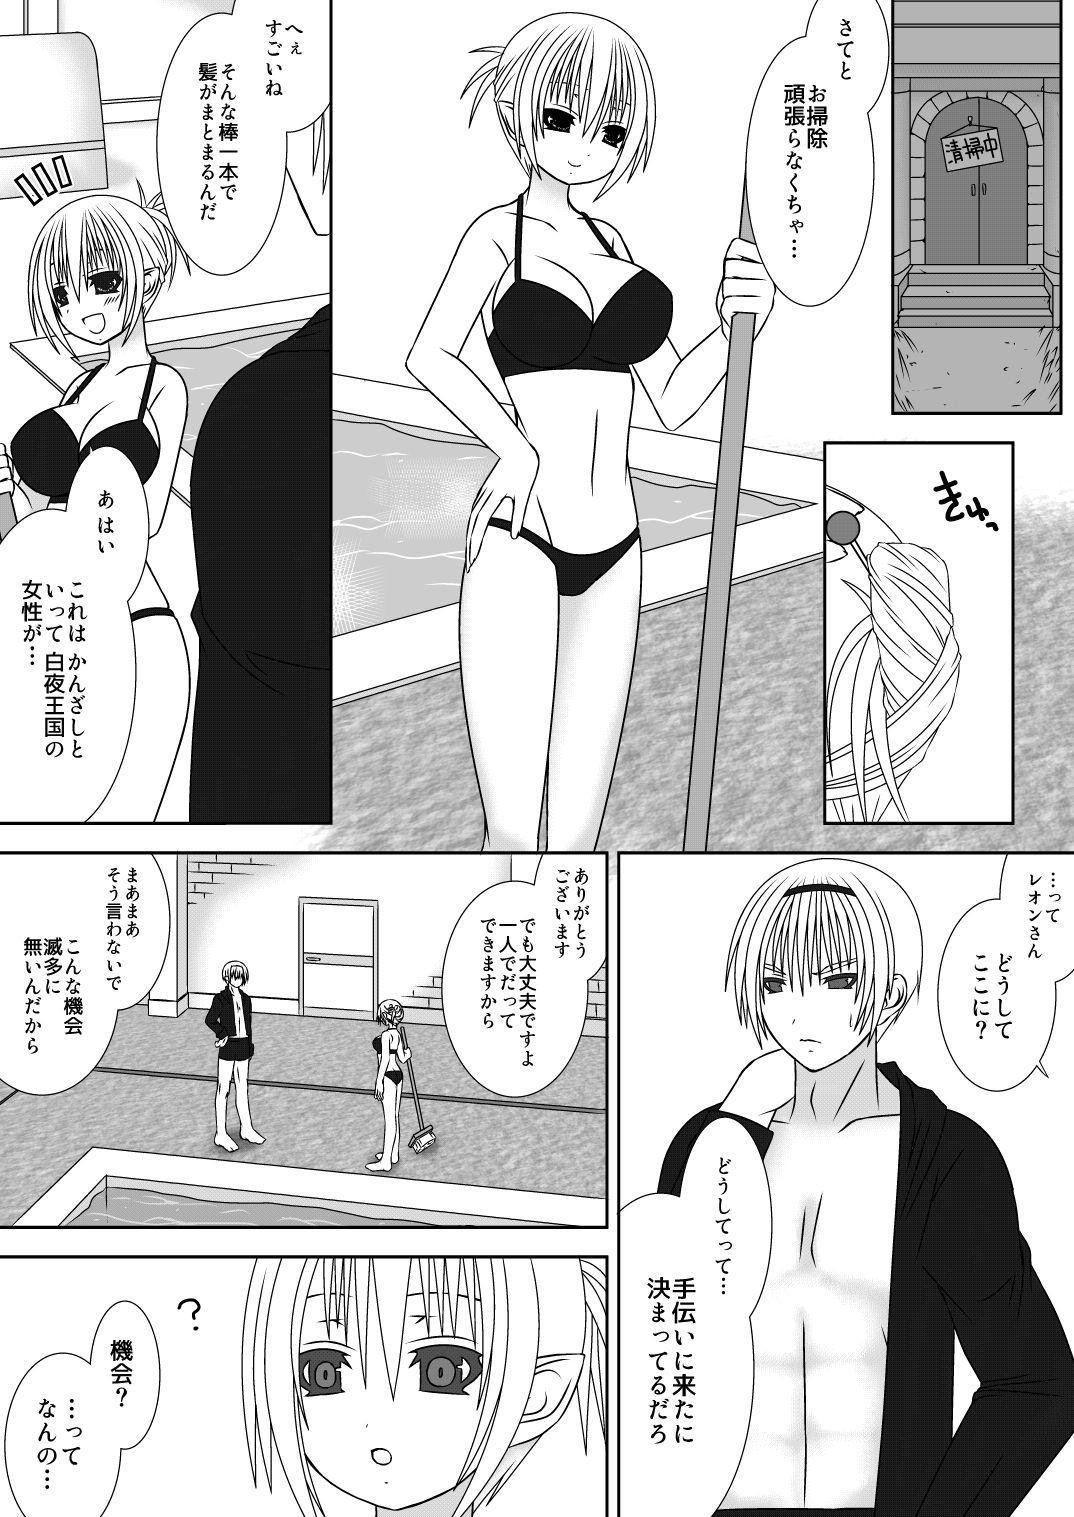 Onee-chan ni Ecchi na Koto Shicha Ikemasen!! 2 4